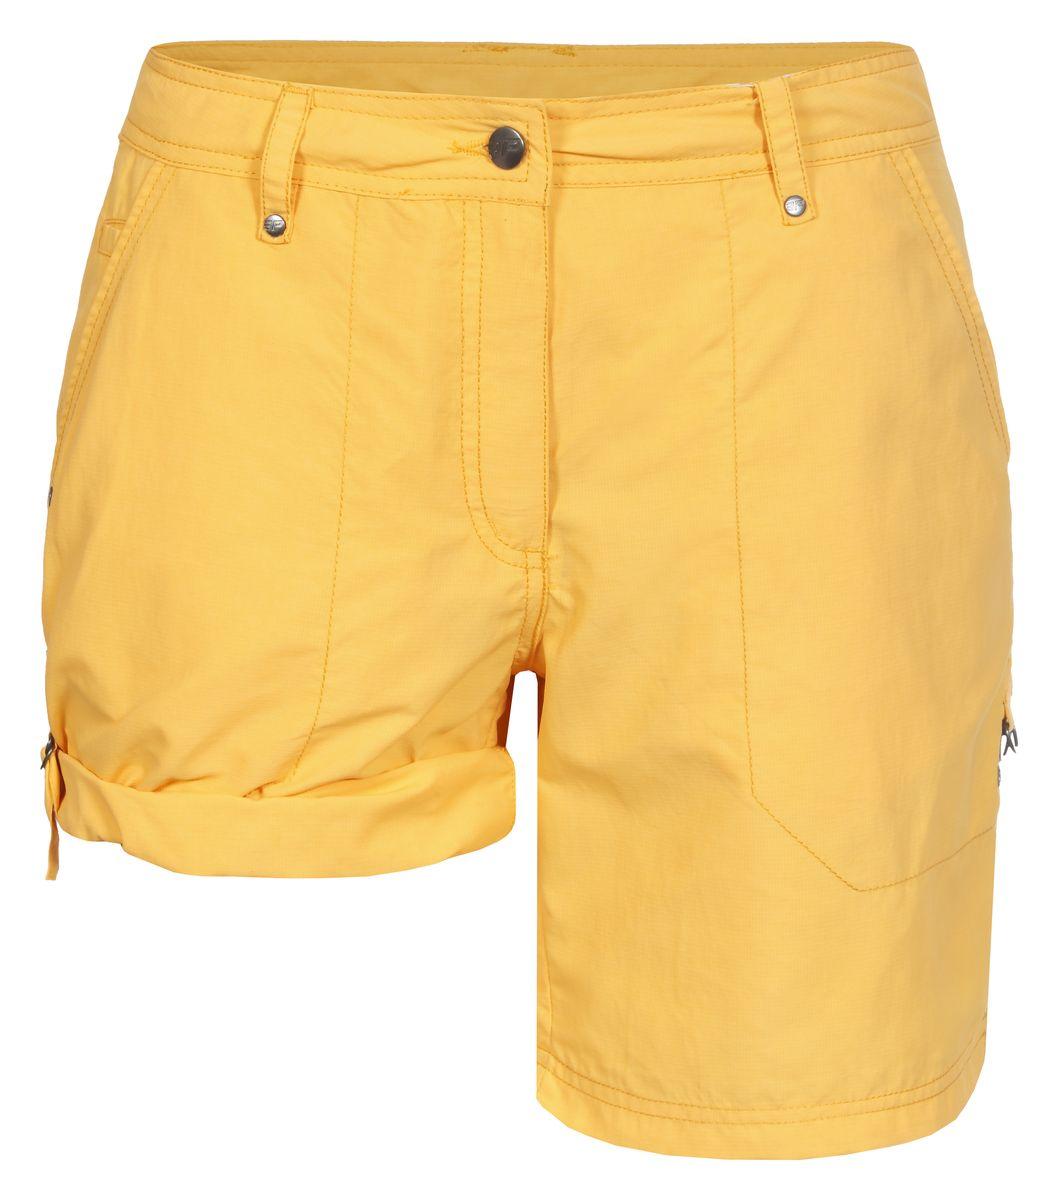 Шорты женские Icepeak Louisa, цвет: желтый. 754530574IV. Размер 38 (44)754530574IVЖенские шорты Louisa от Icepeak, выполненные из высококачественного материала, в поясе застегиваются на пуговицу и ширинку на молнии, имеются шлевки для ремня. Модель с карманами, штанины подворачиваются.